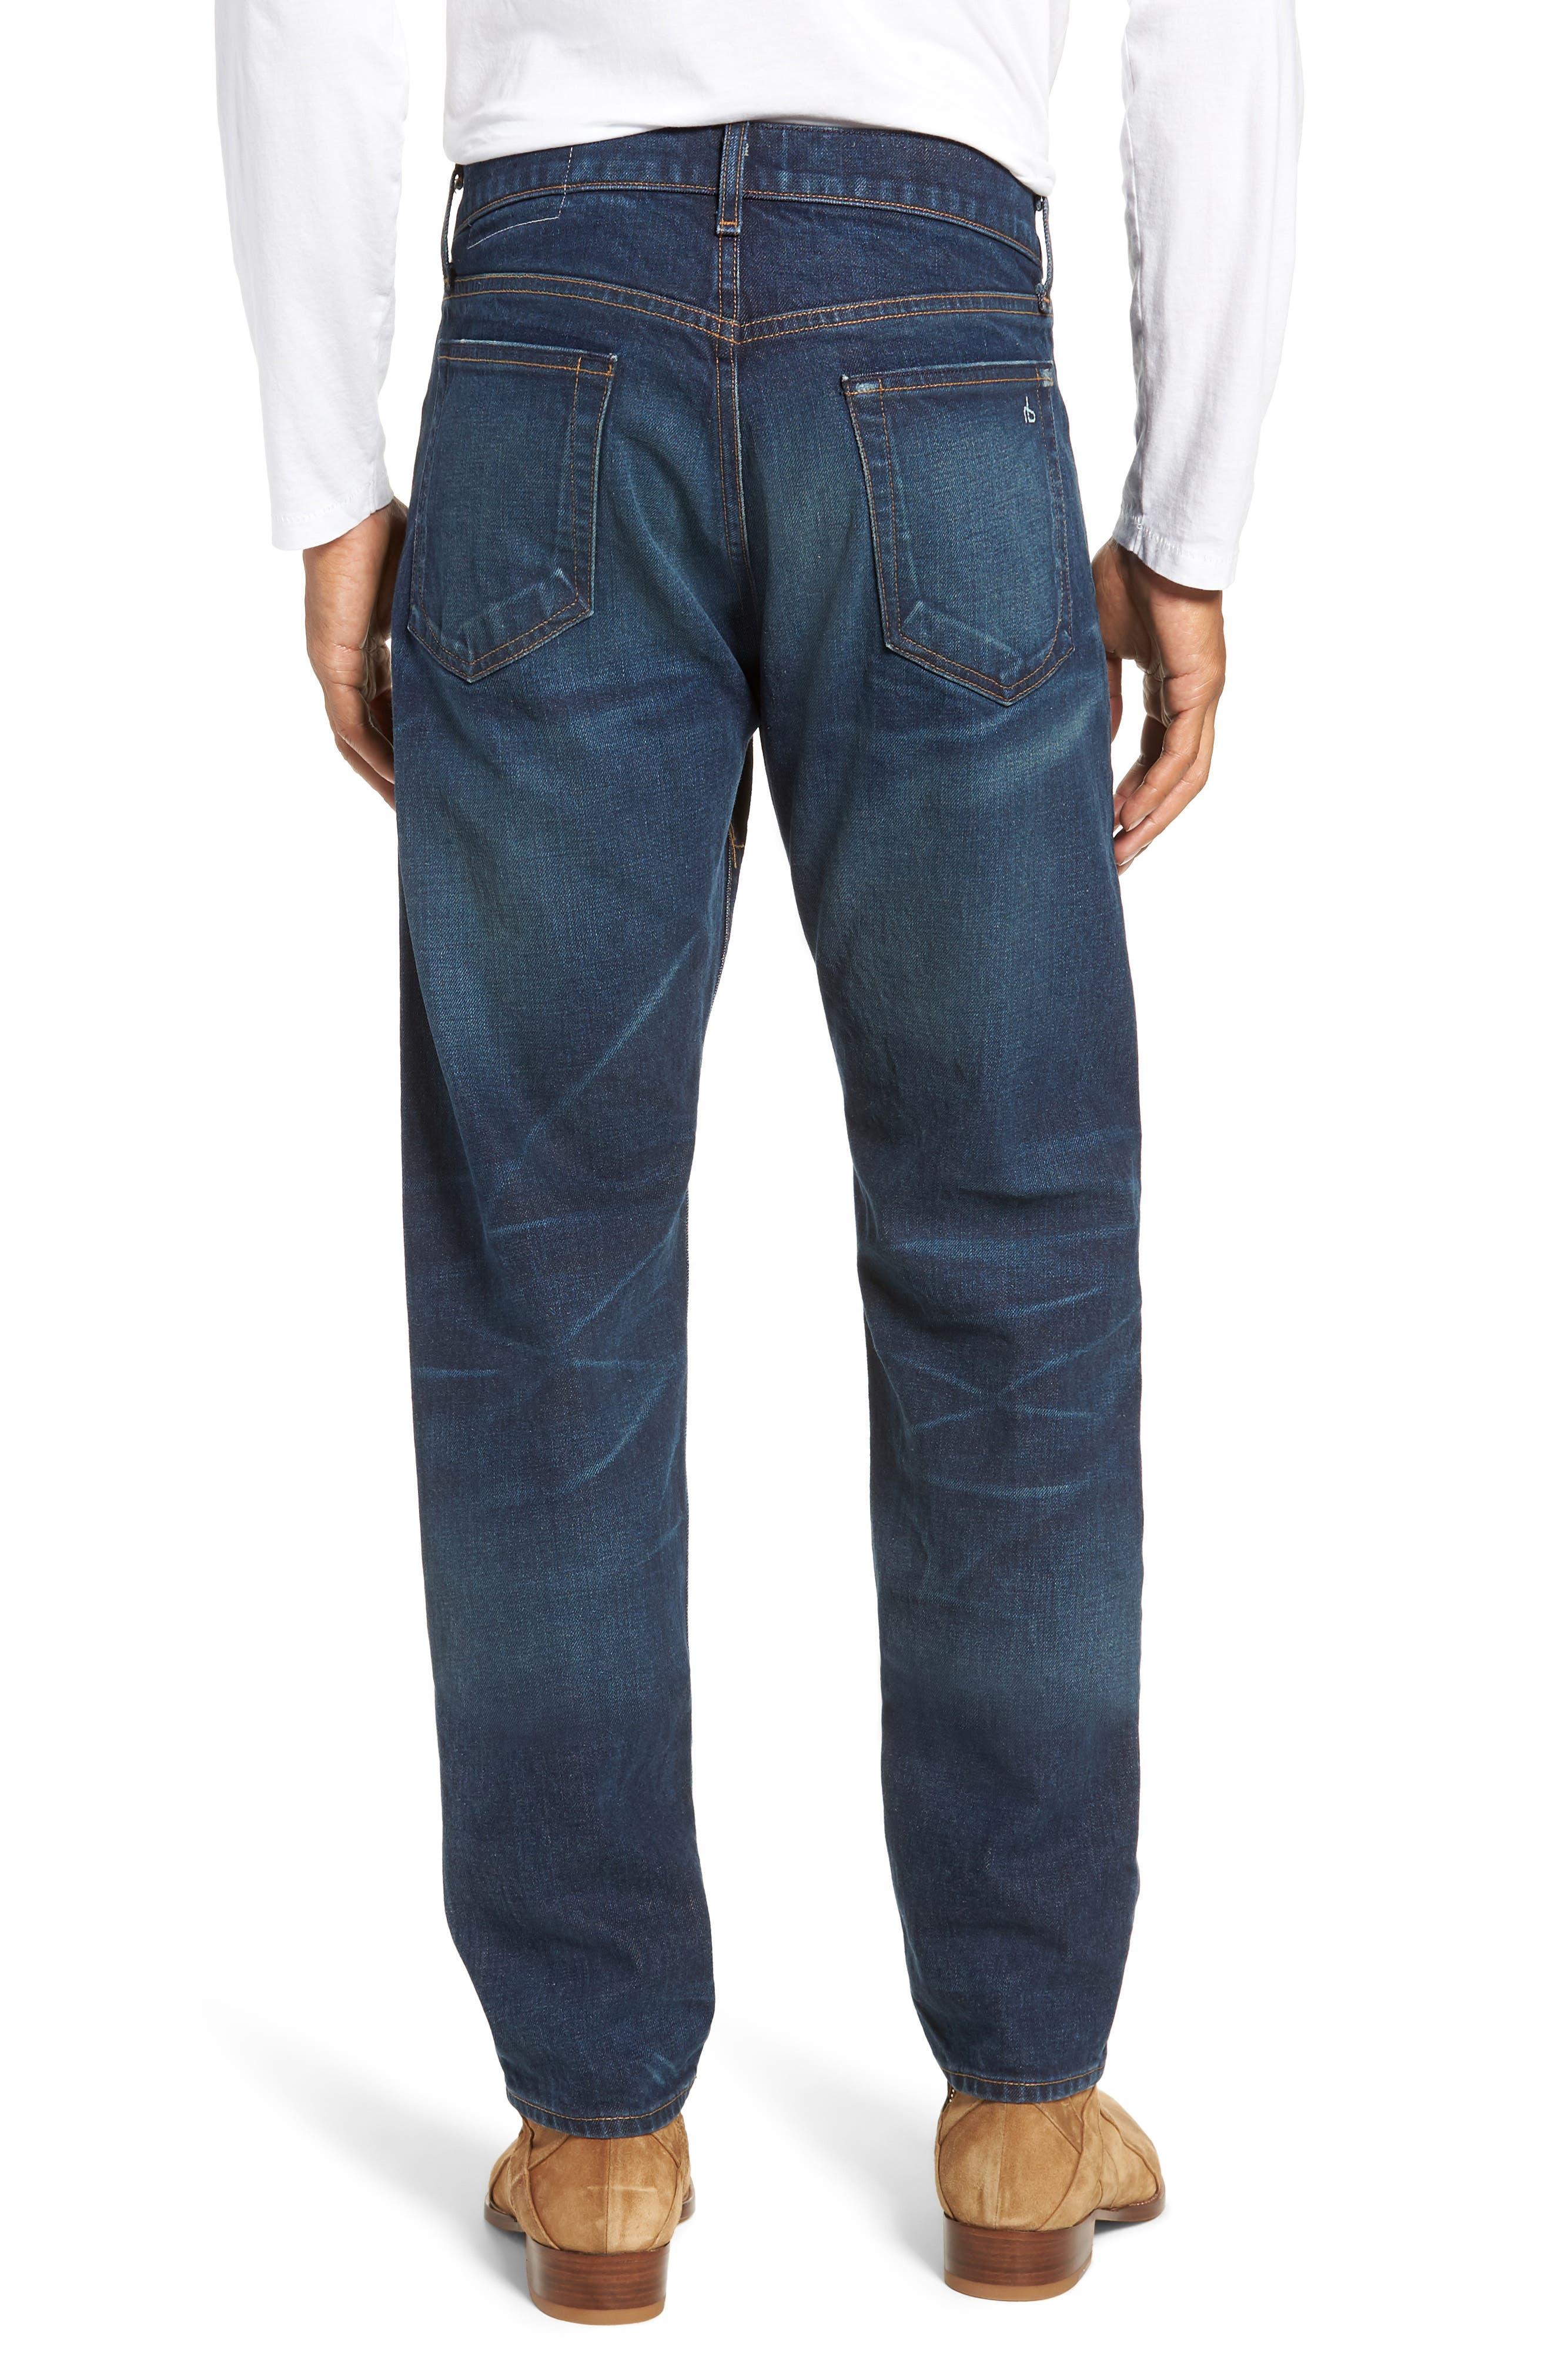 Fit 2 Slim Fit Jeans,                             Alternate thumbnail 2, color,                             WORN ACE